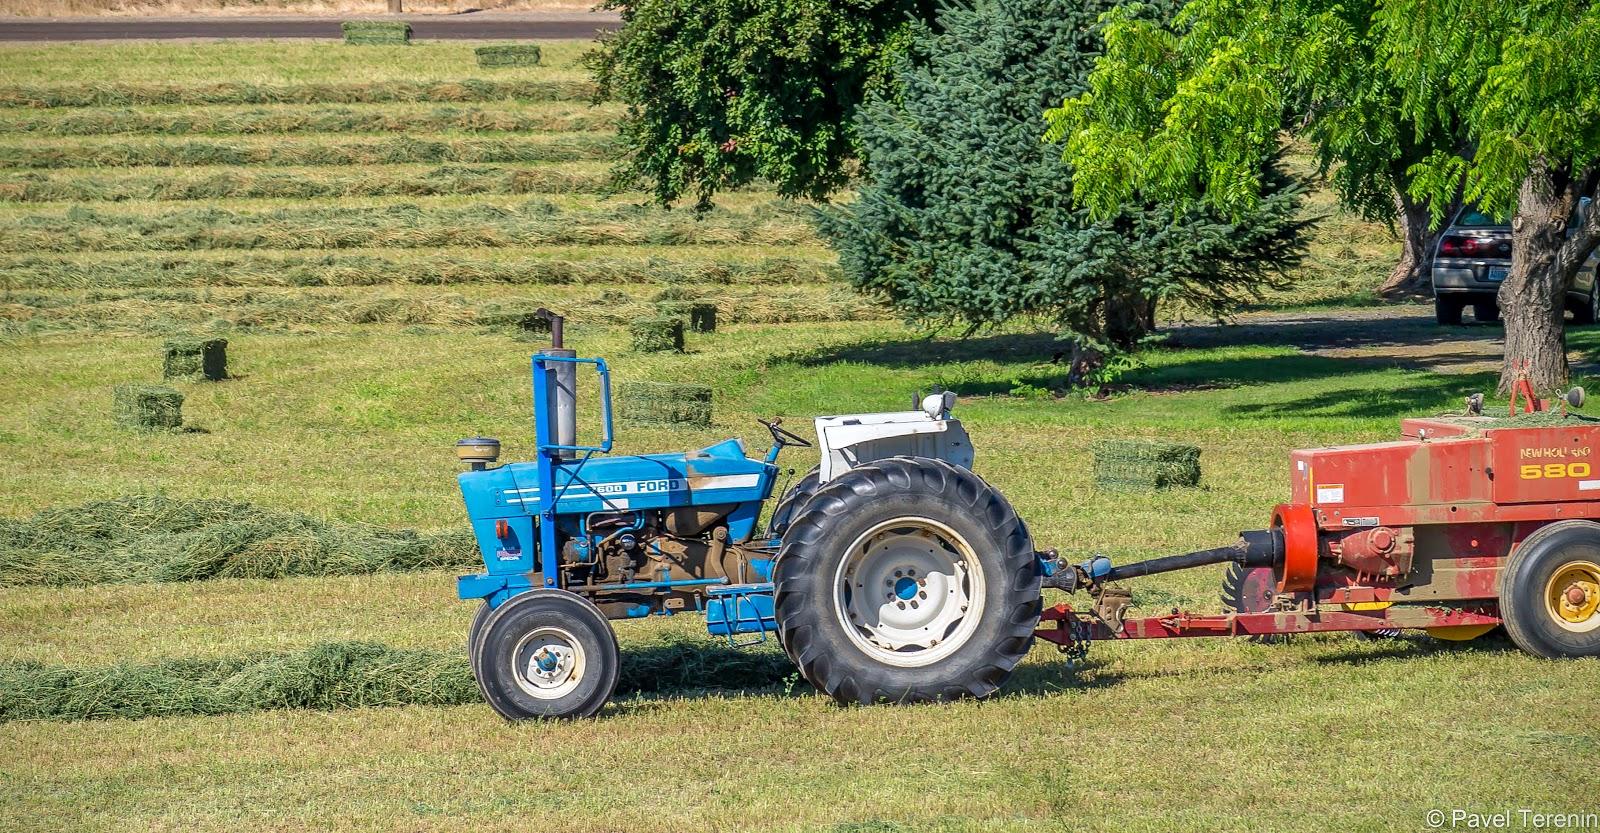 Местные тракторы, в принципе, мало чем отличаются от белорусских. Хотя эксплуатируют их аккуратнее и содержат в чистоте.